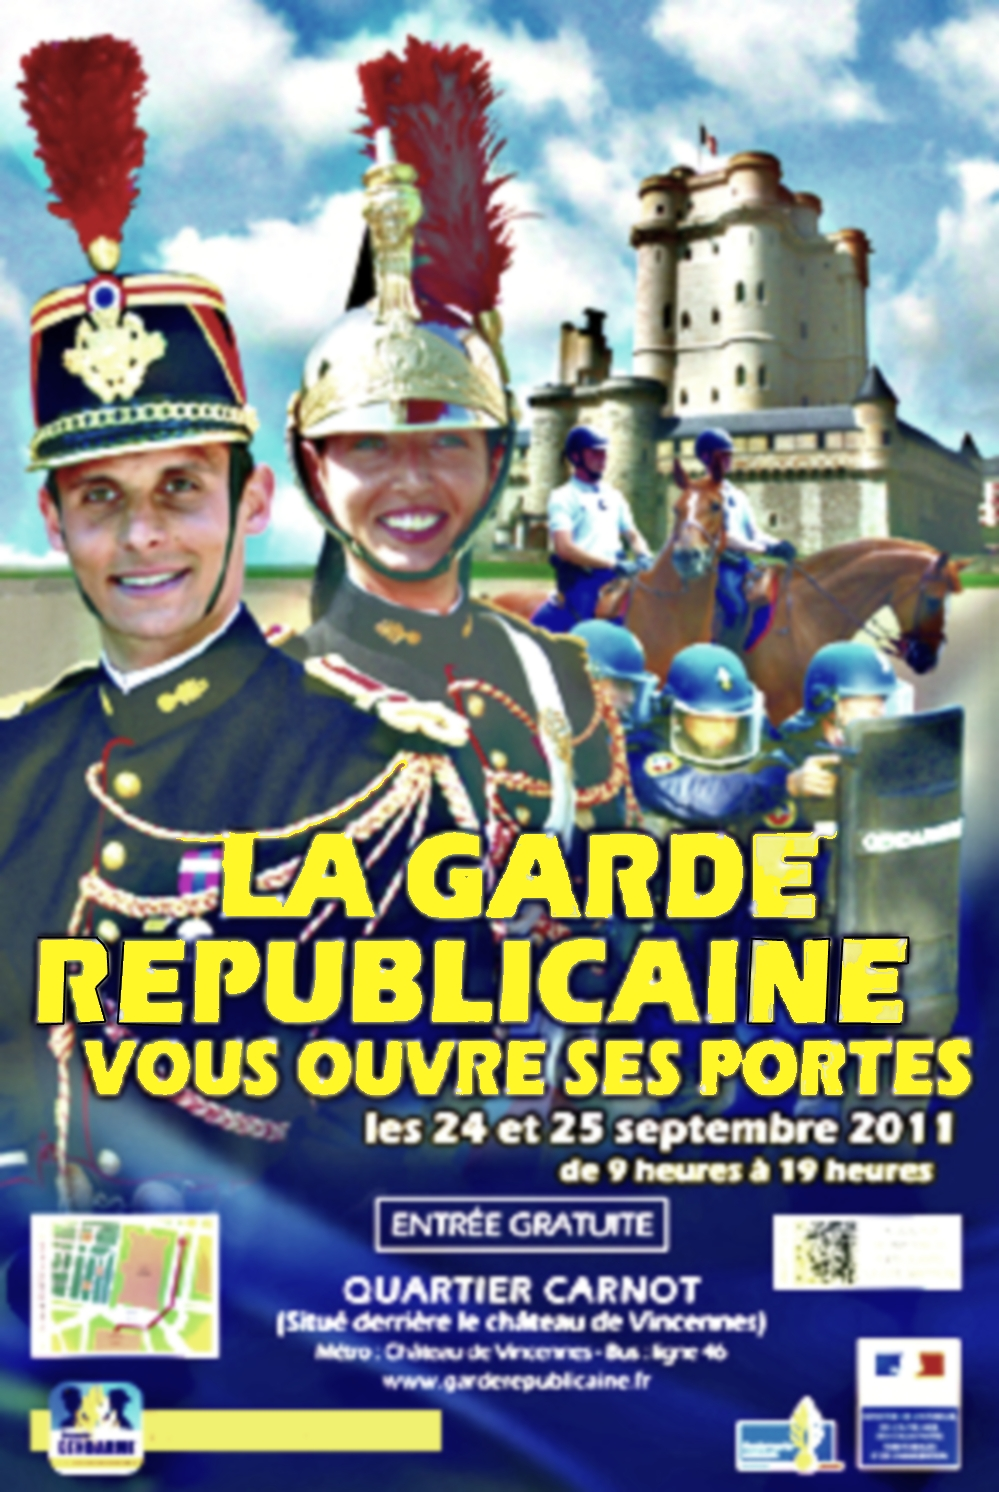 Blog comit snaag 94 et r servistes gendarmerie journ es portes ouvertes 2011 la garde - Portes ouvertes garde republicaine ...